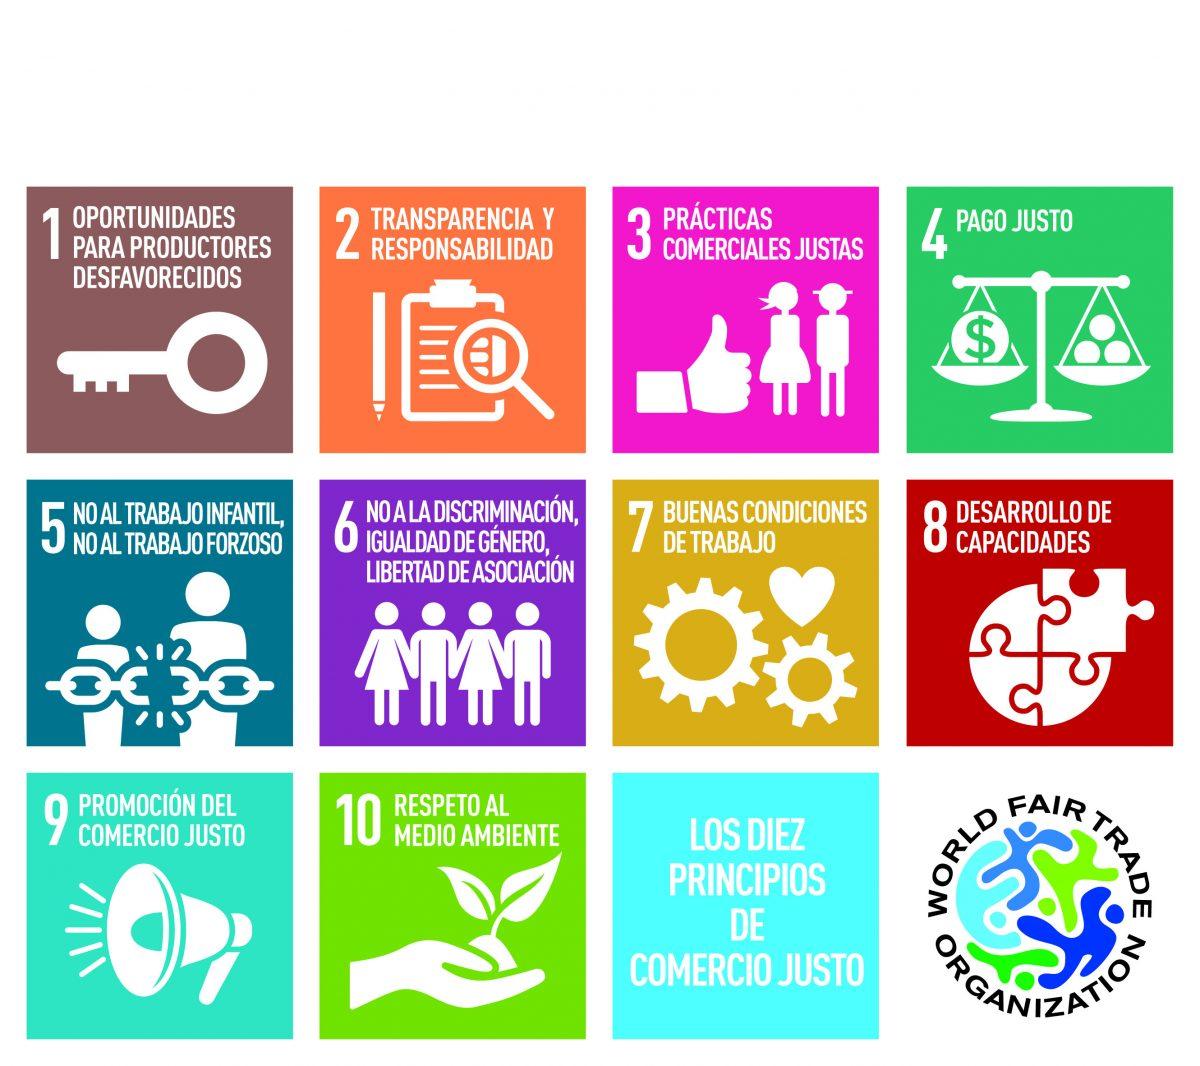 Los diez principios del Comercio Justo